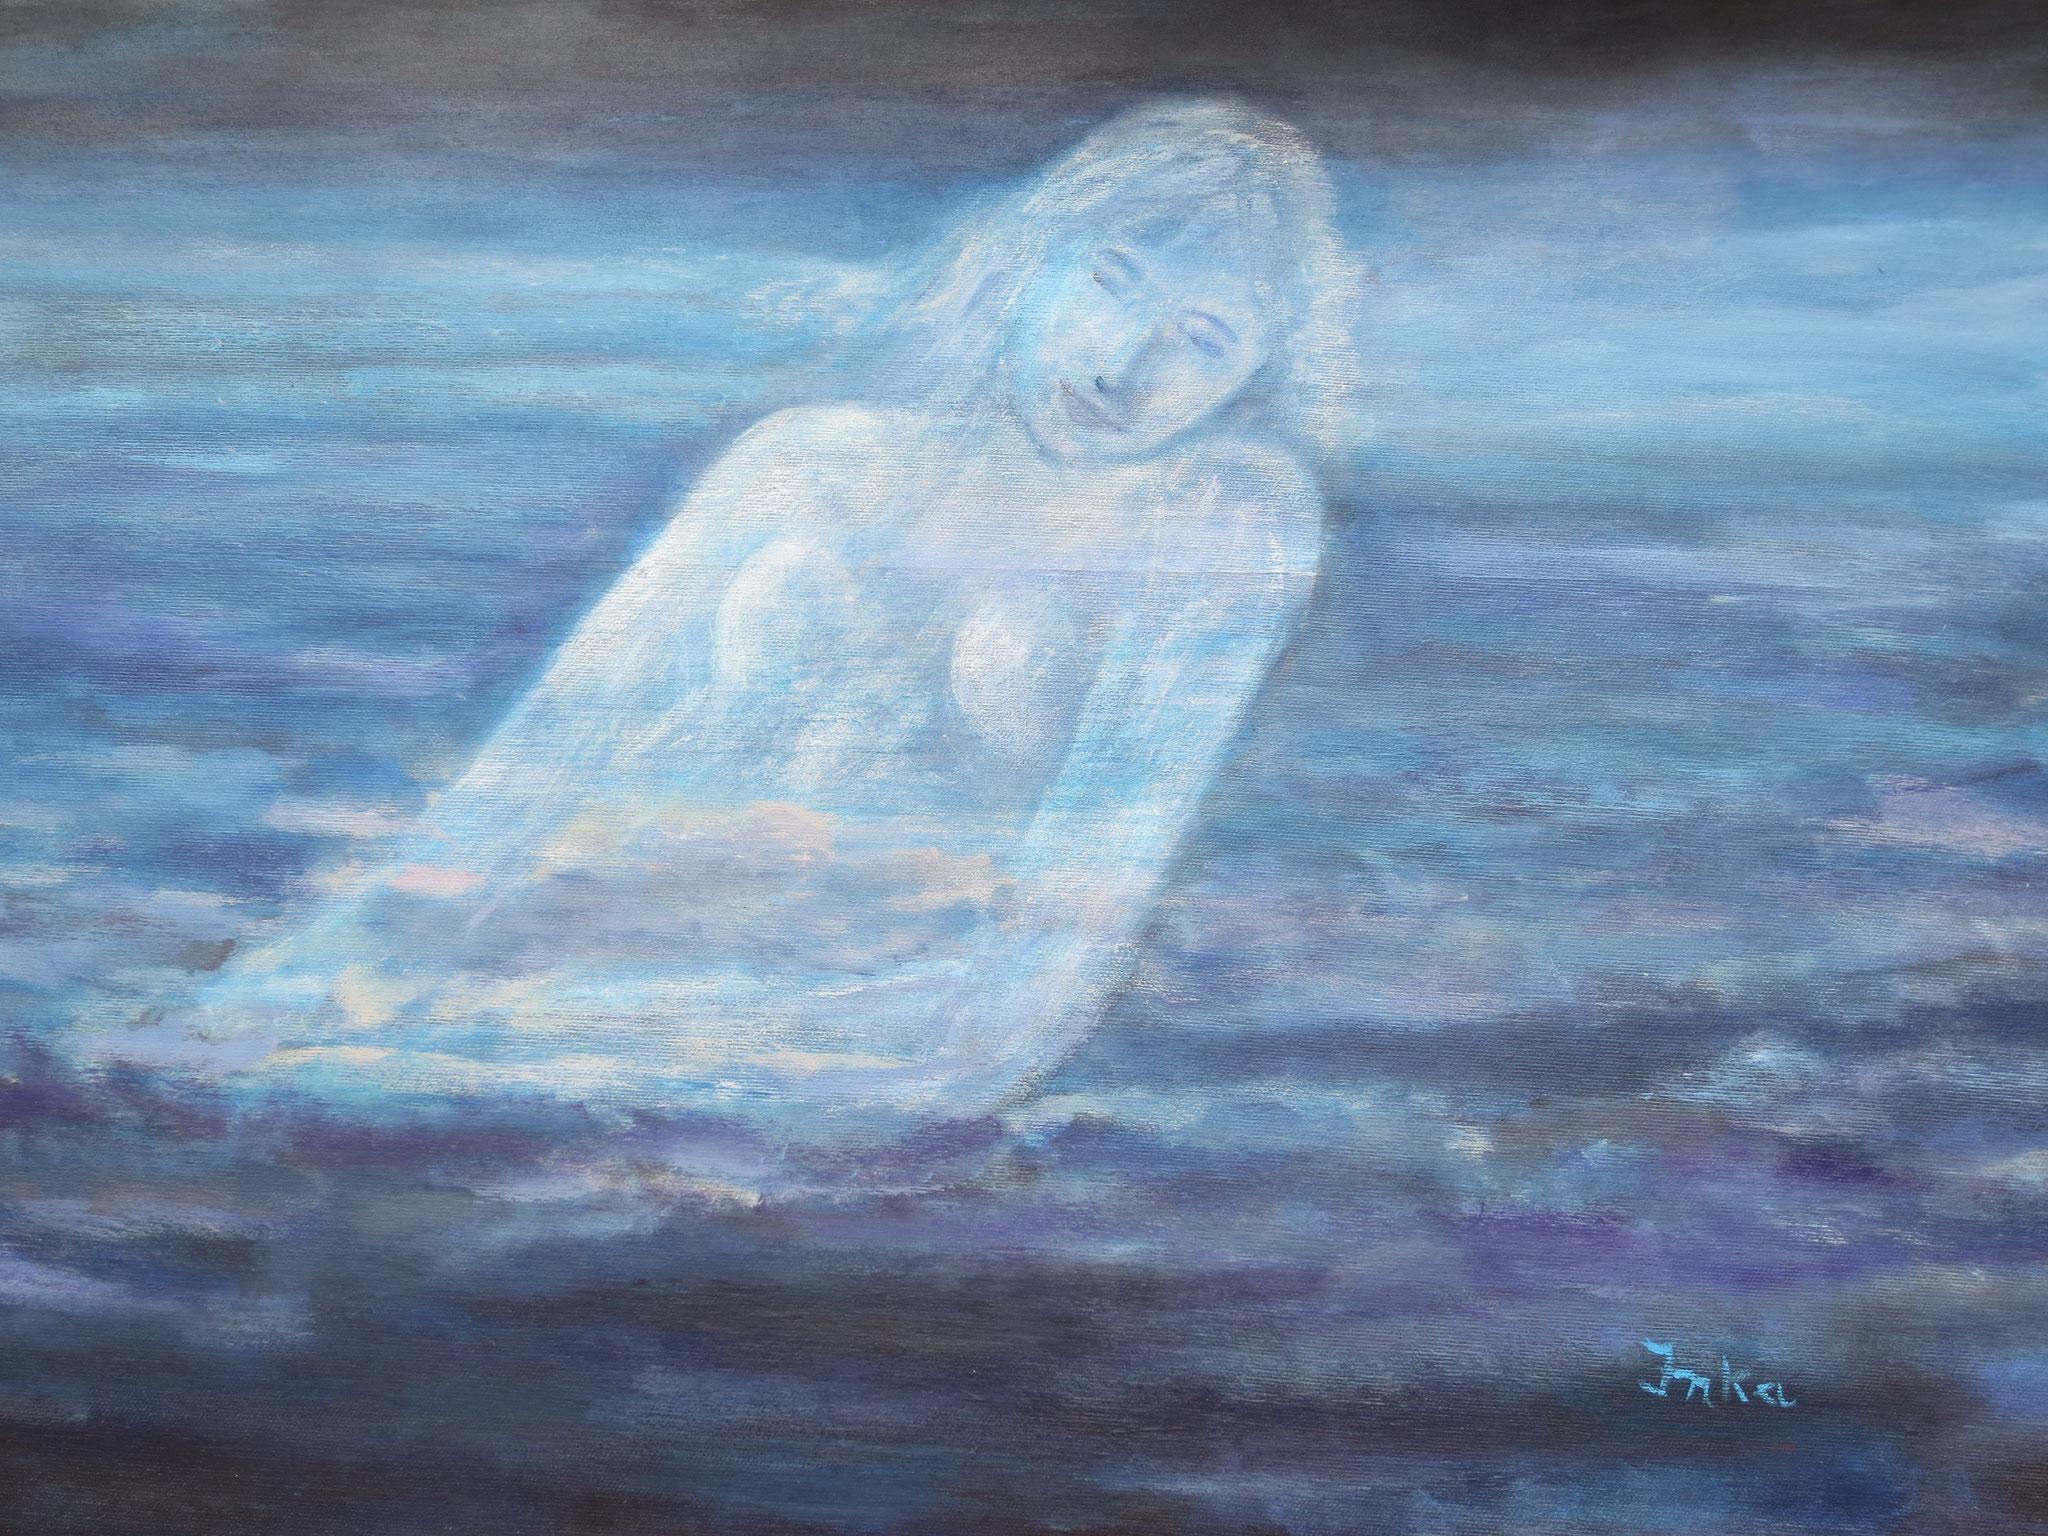 Meerjungfrau (80 x 60)